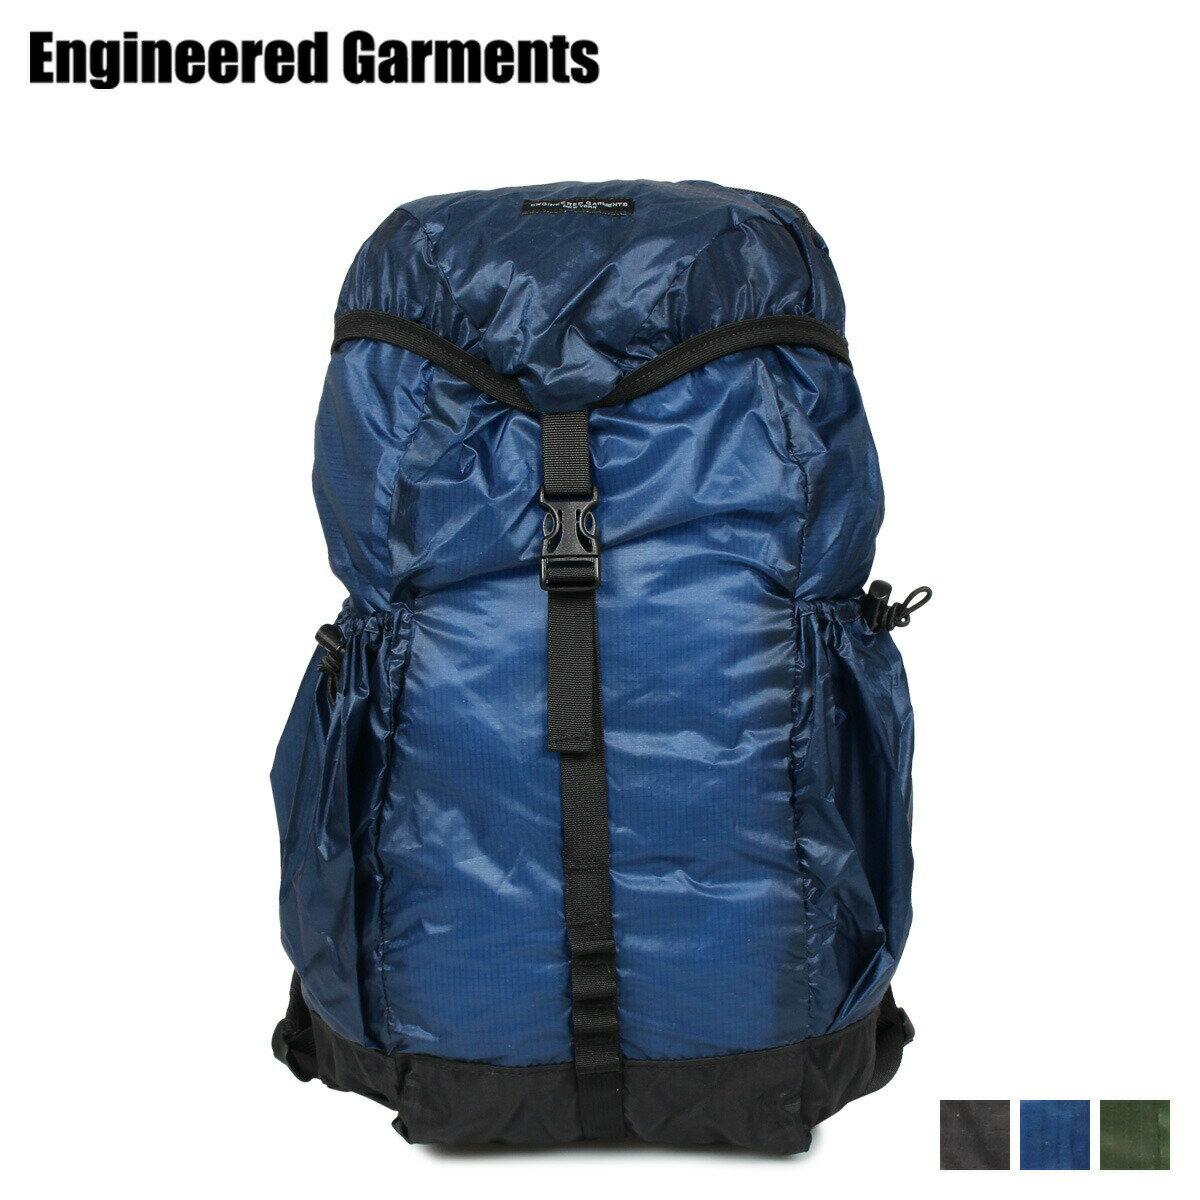 男女兼用バッグ, バックパック・リュック 600OFF ENGINEERED GARMENTS UL BACKPACK 19FH020